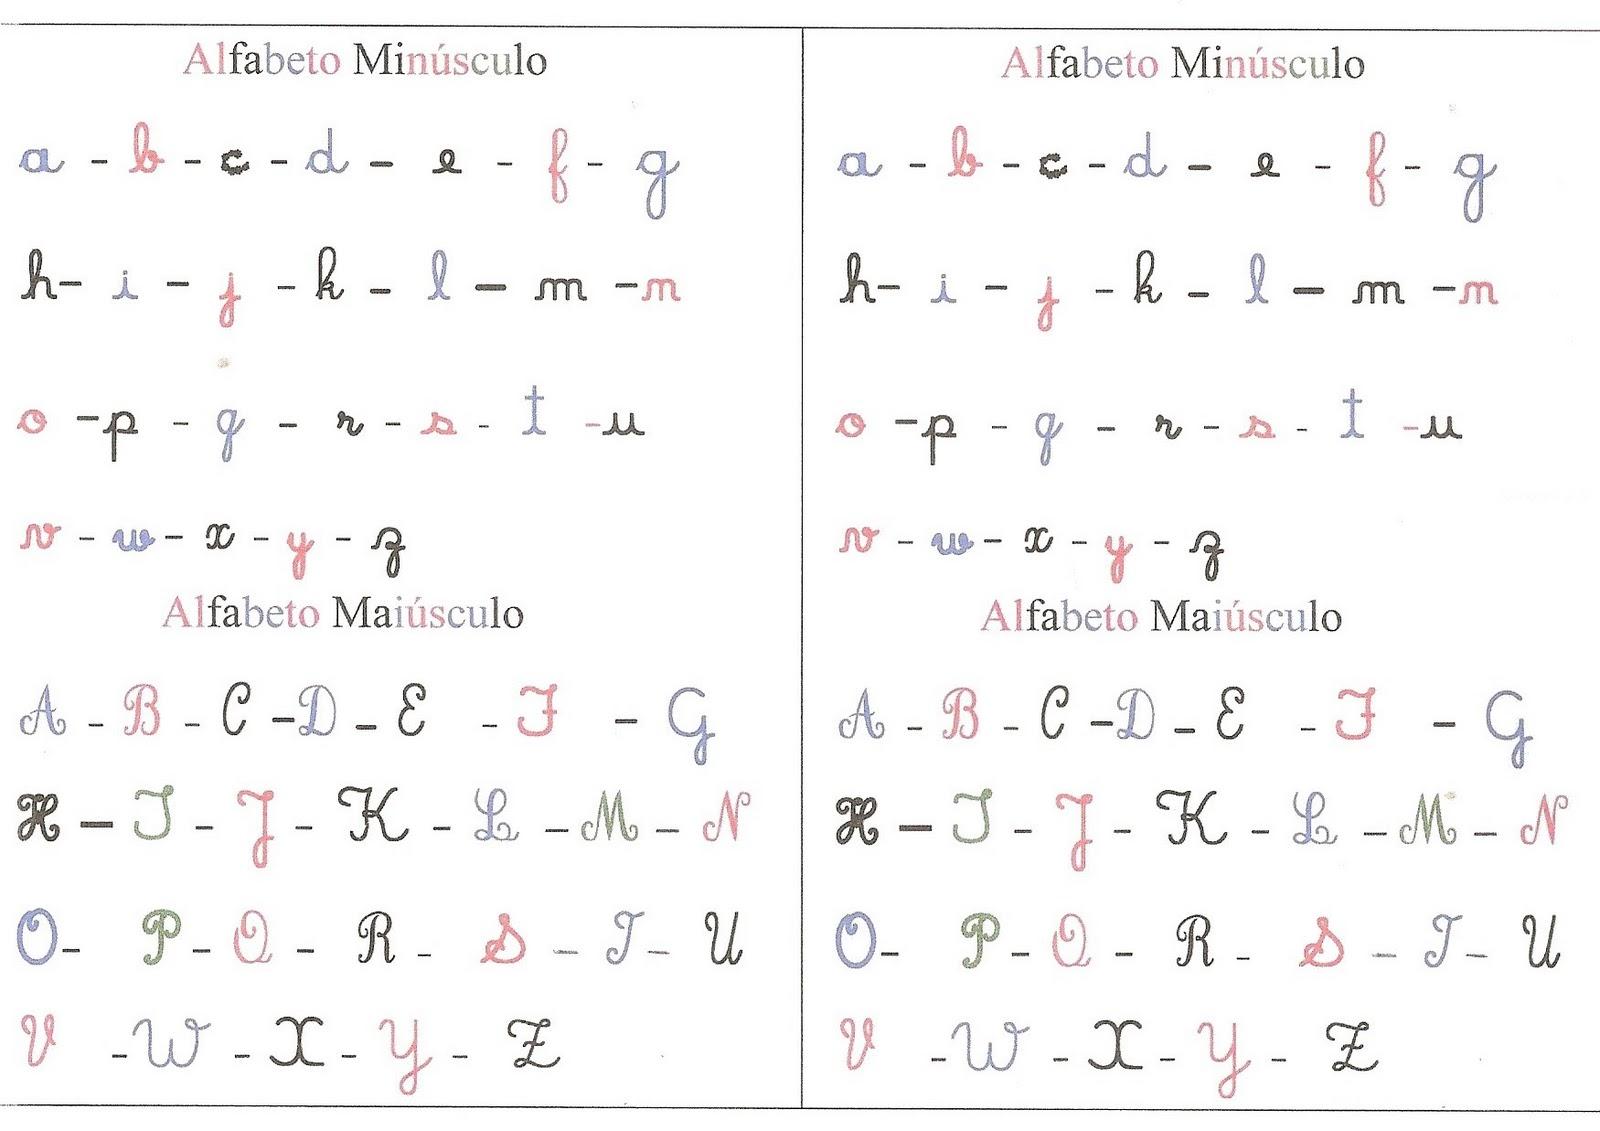 alfabeto cursivo maiusculo e minusculo